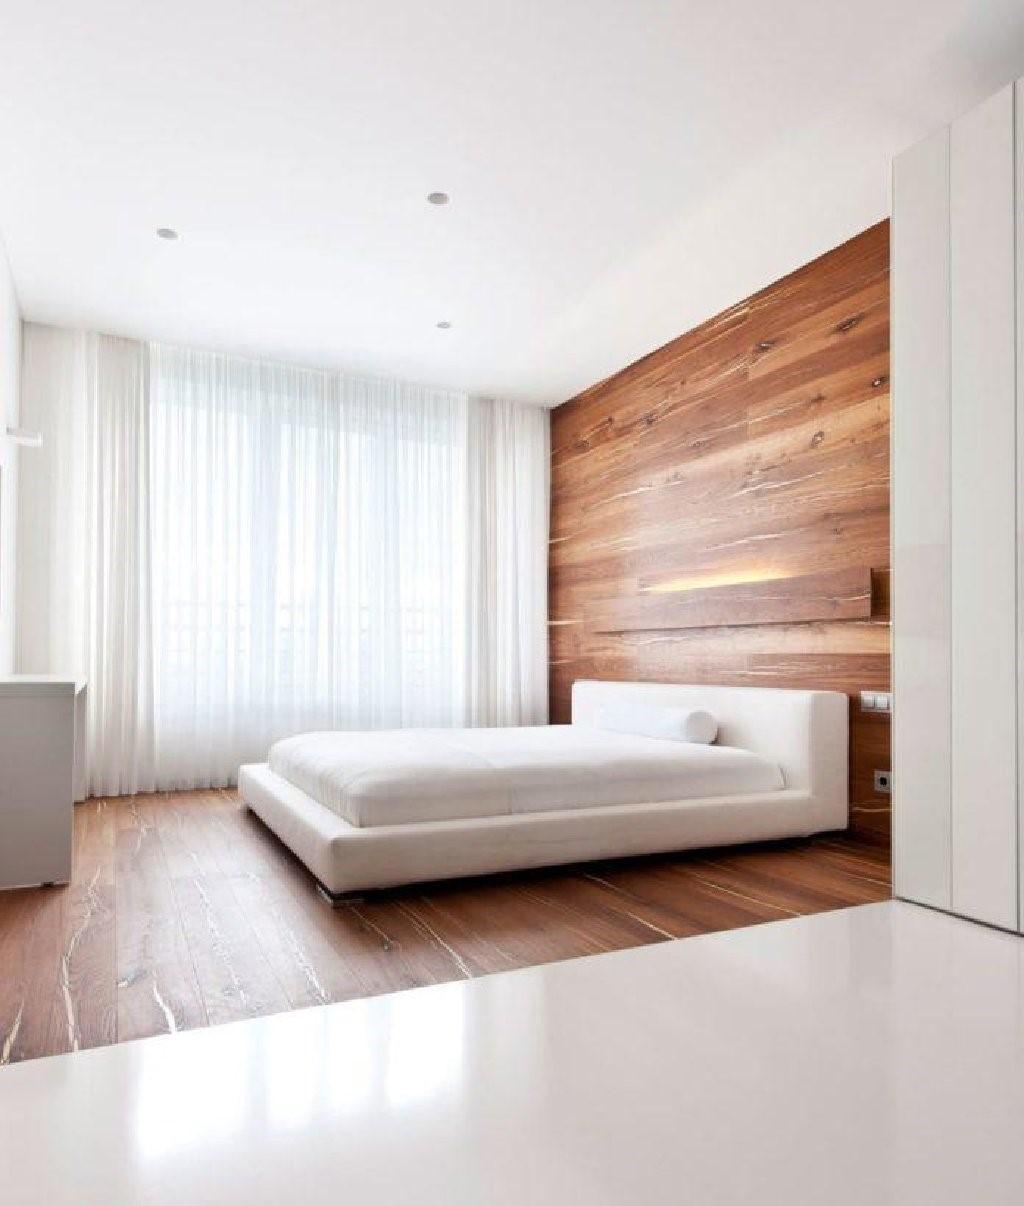 Дерев'яний паркет в дизайні інтер'єру спальні в стилі мінімалізм